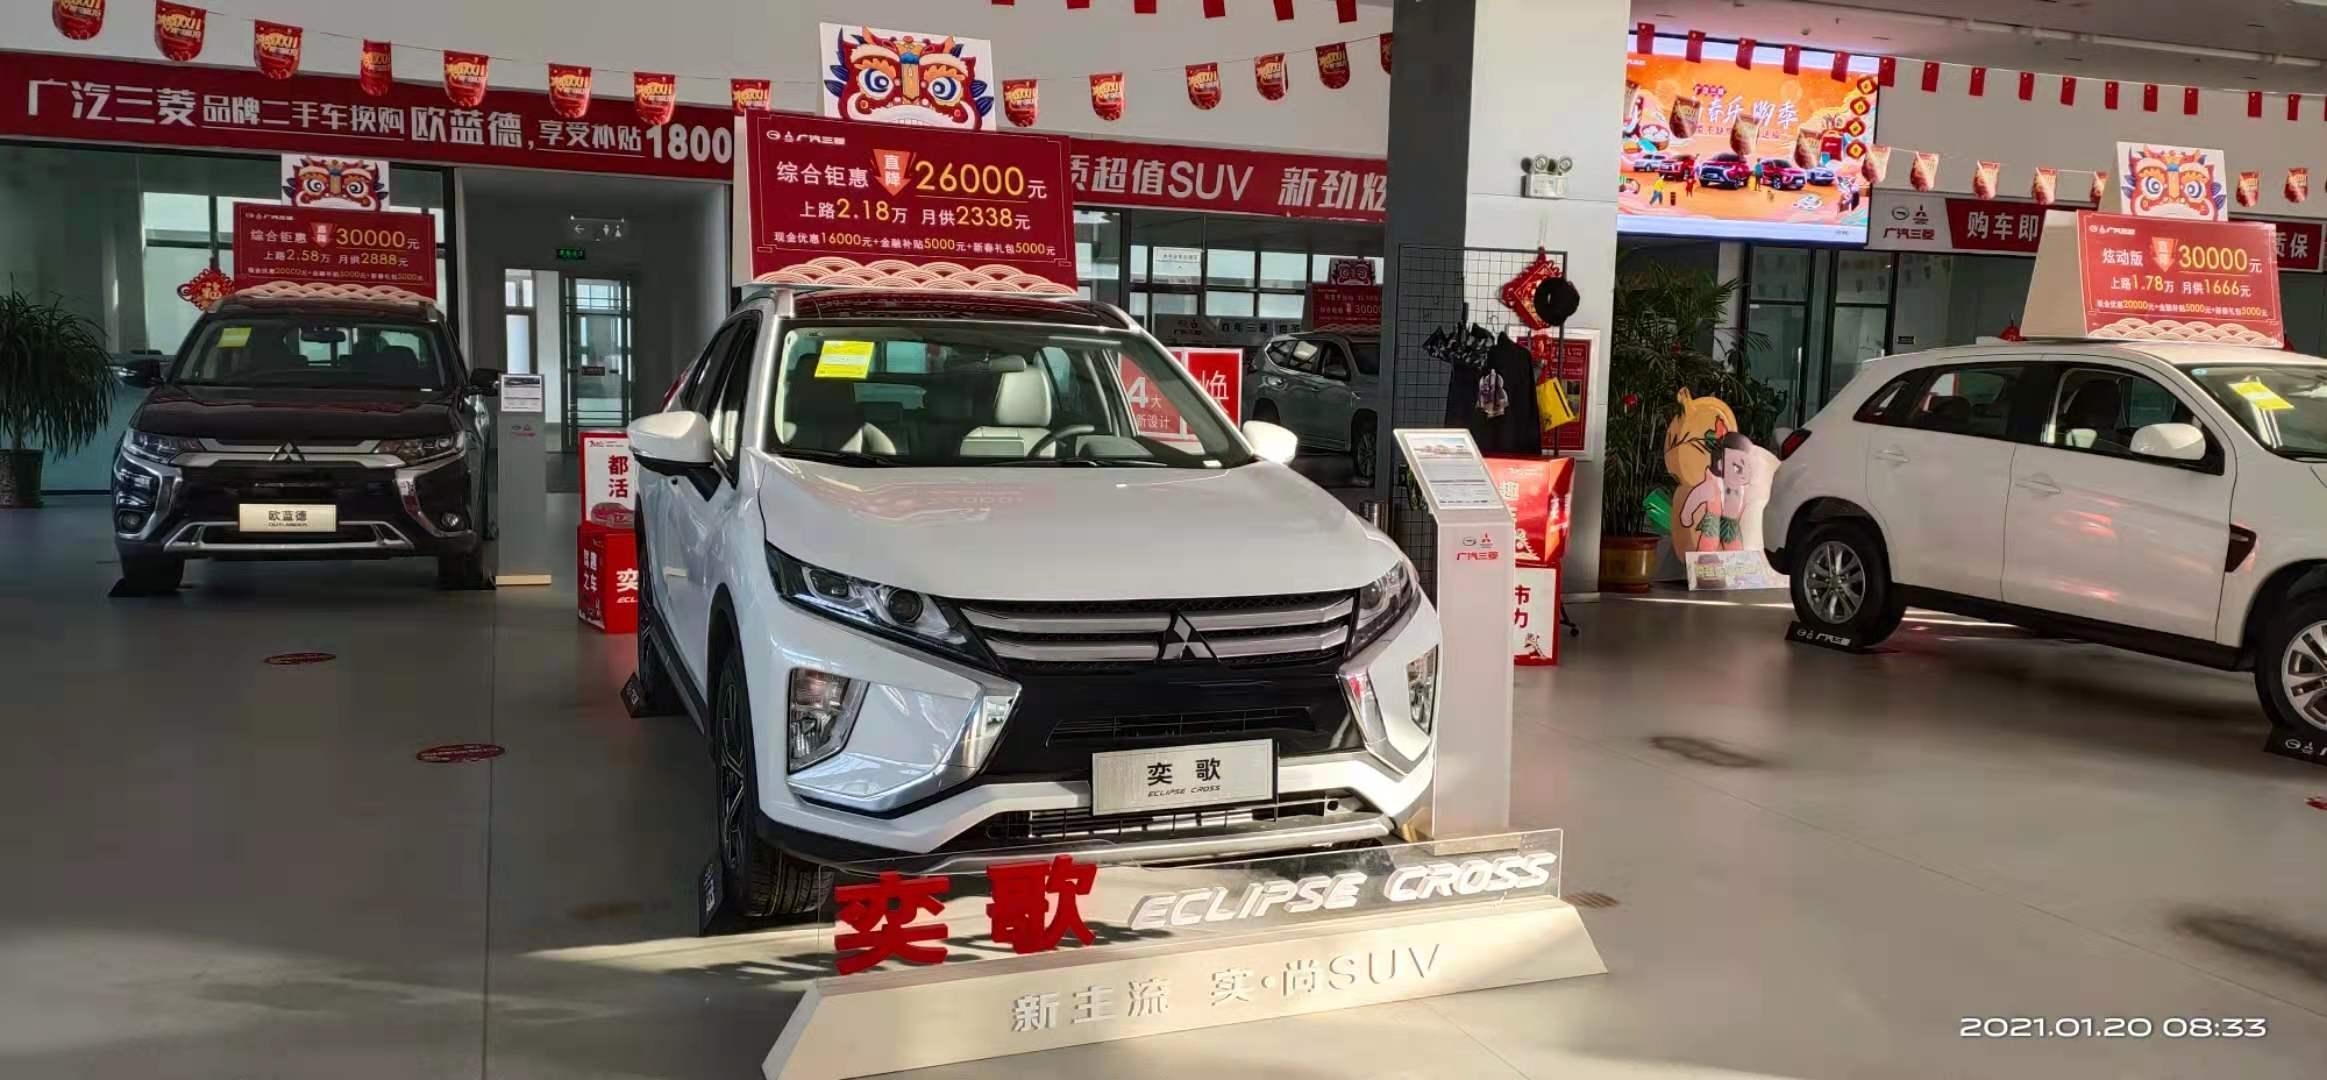 青岛众利德汽车销售有限公司(三菱)